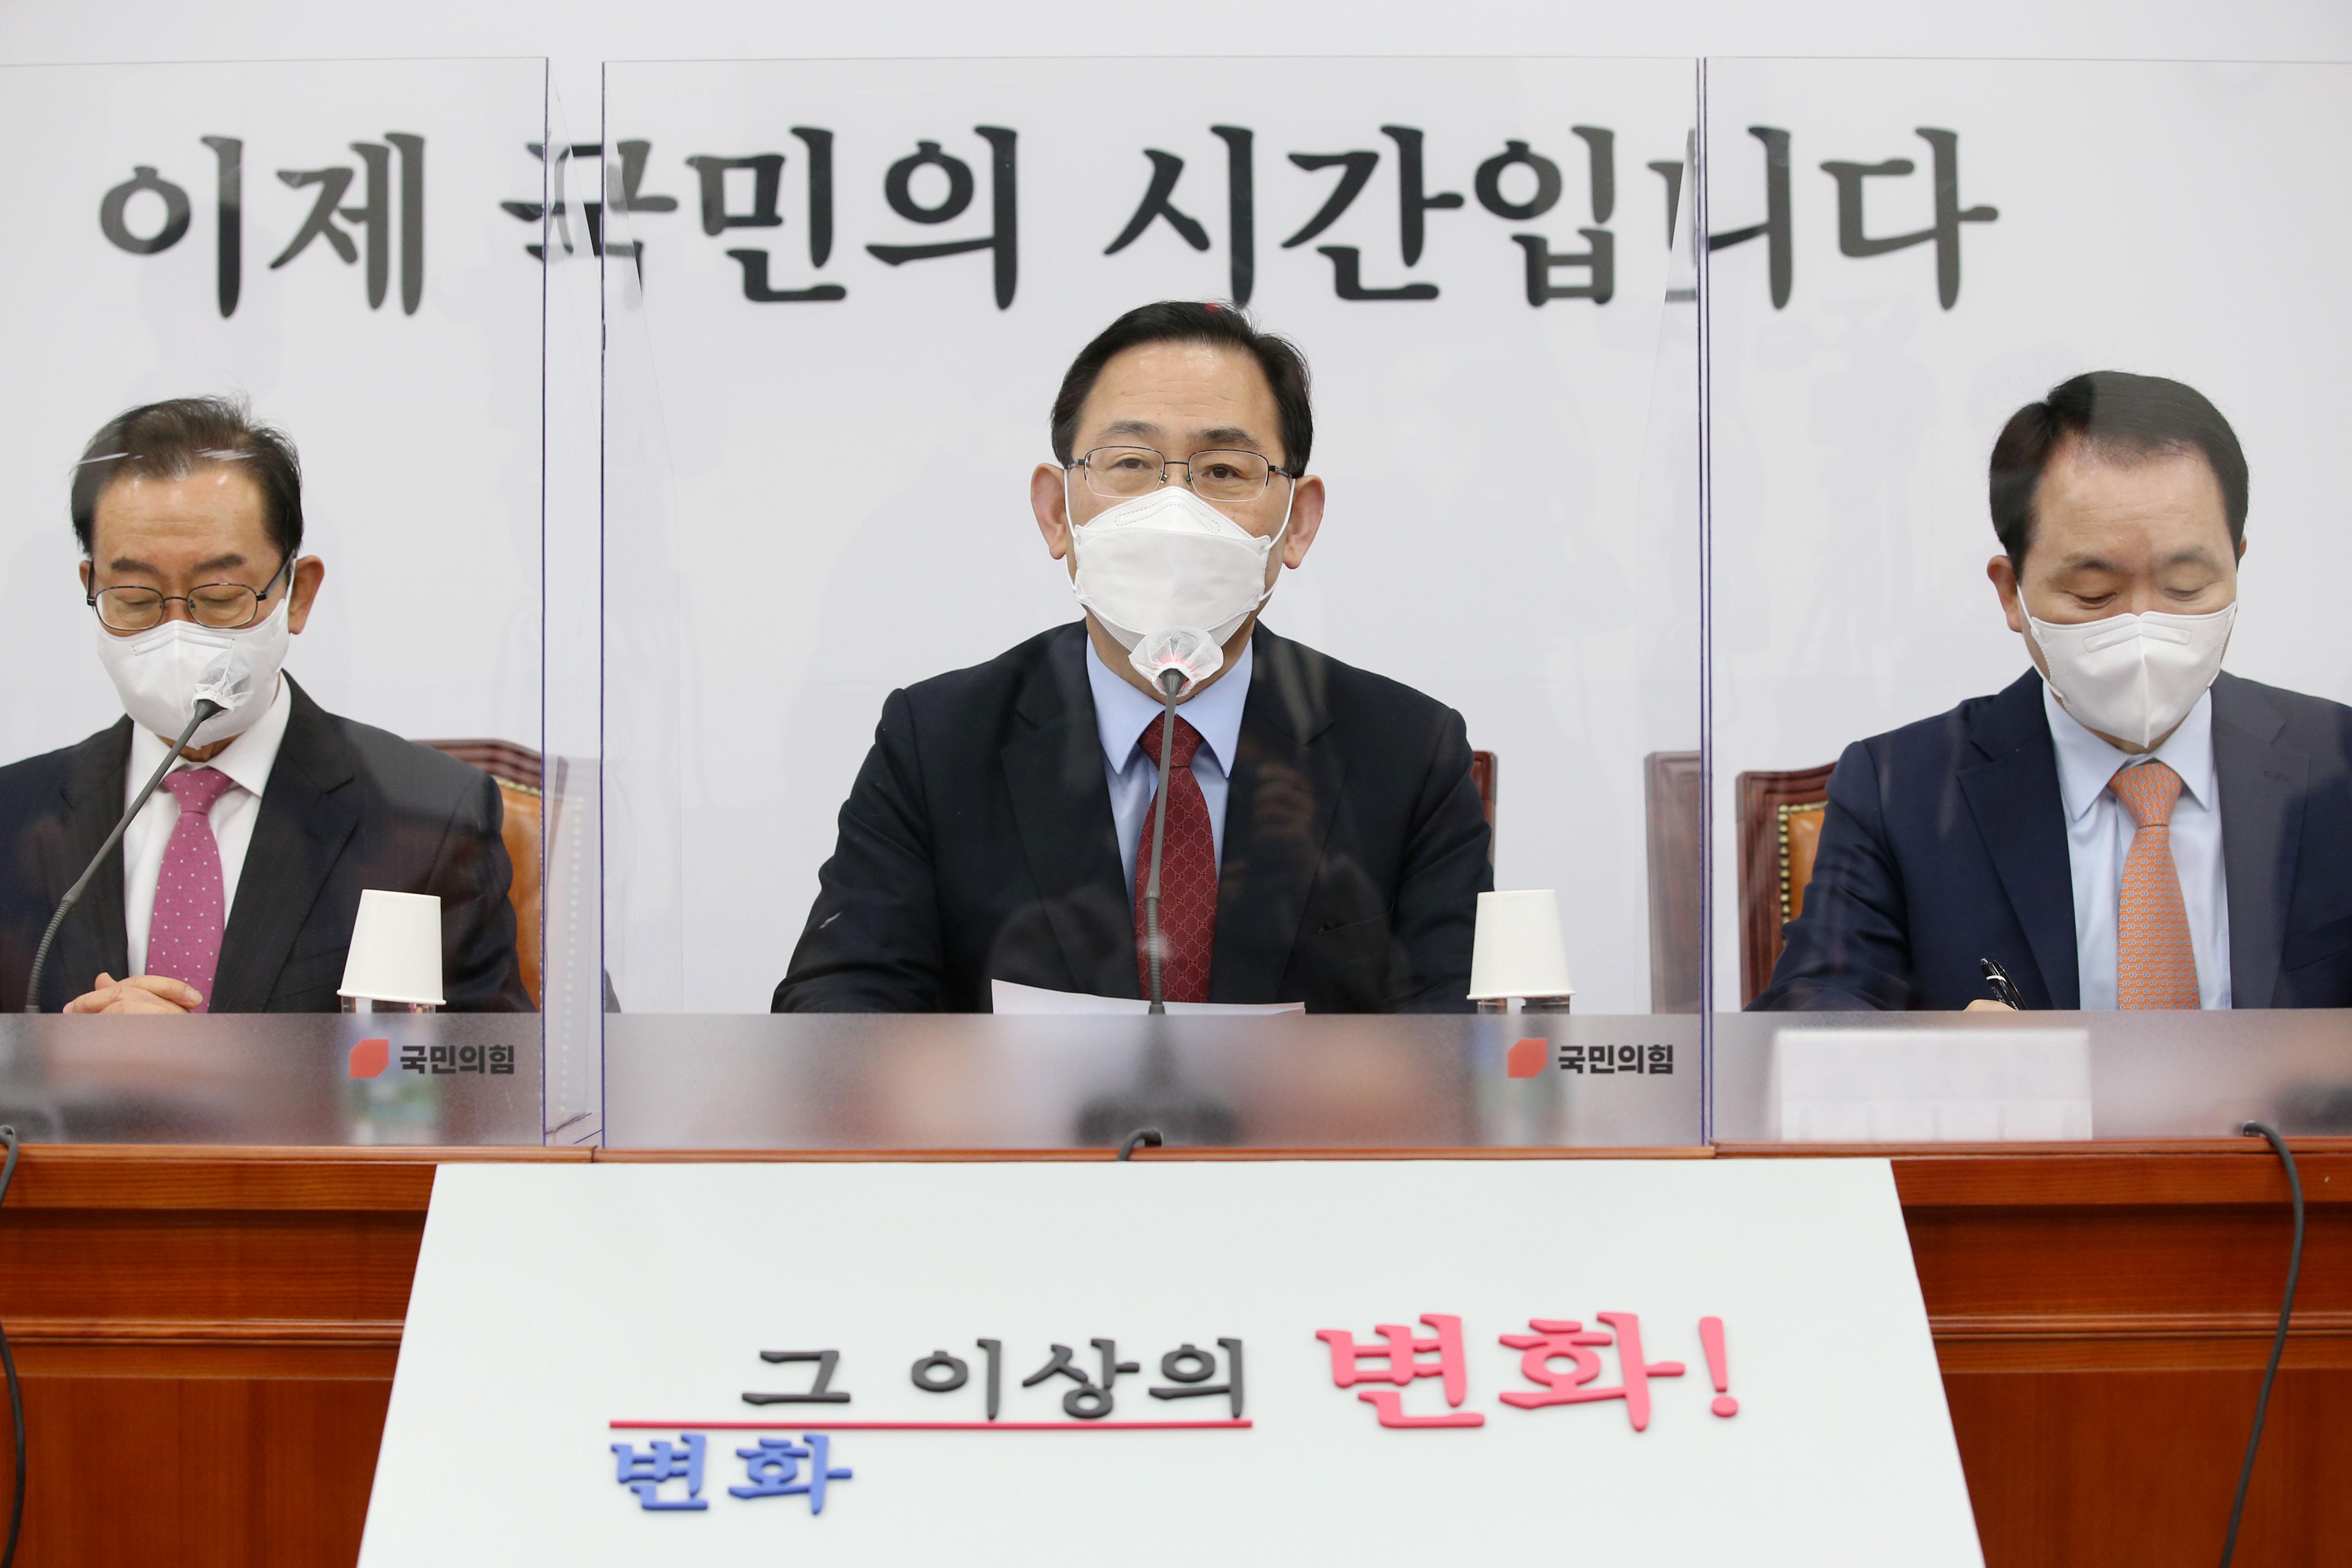 """주호영 """"국민의당과 합당 후 전당대회 의견이 더 많아"""""""